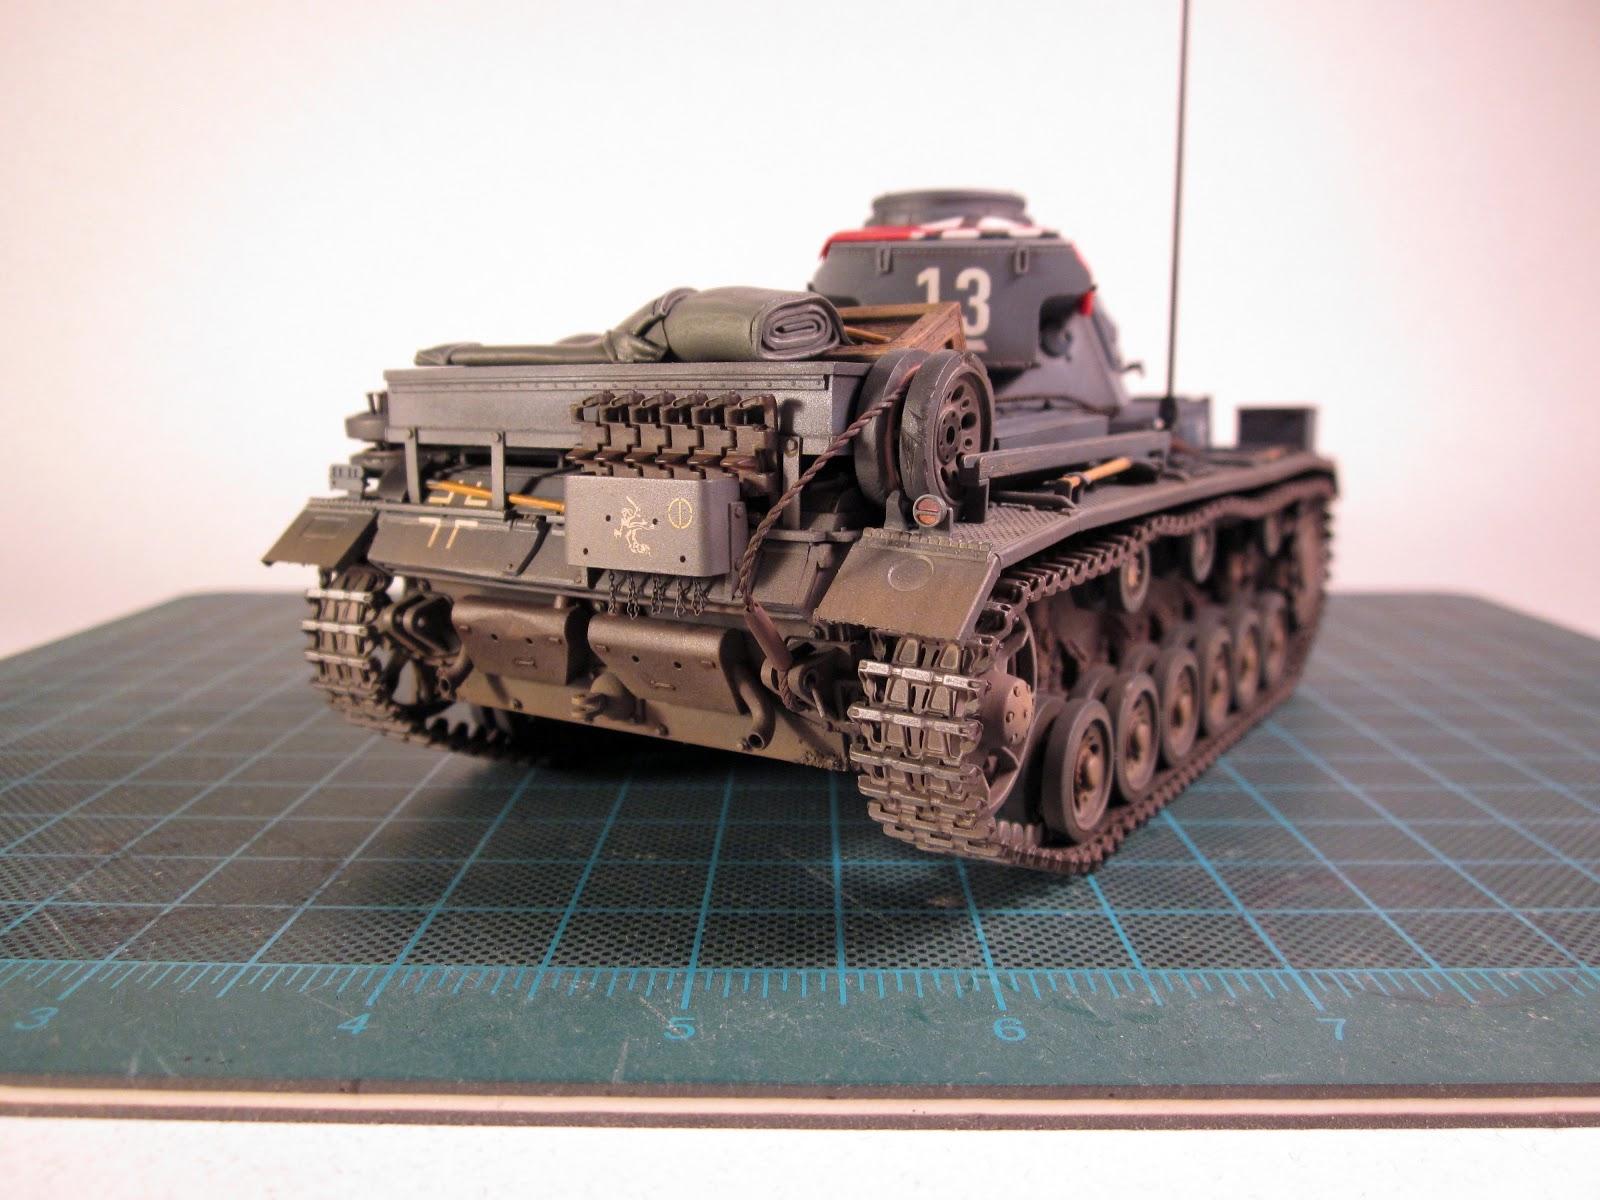 Houston armor club hac shelf queen ii the final chapter panzer